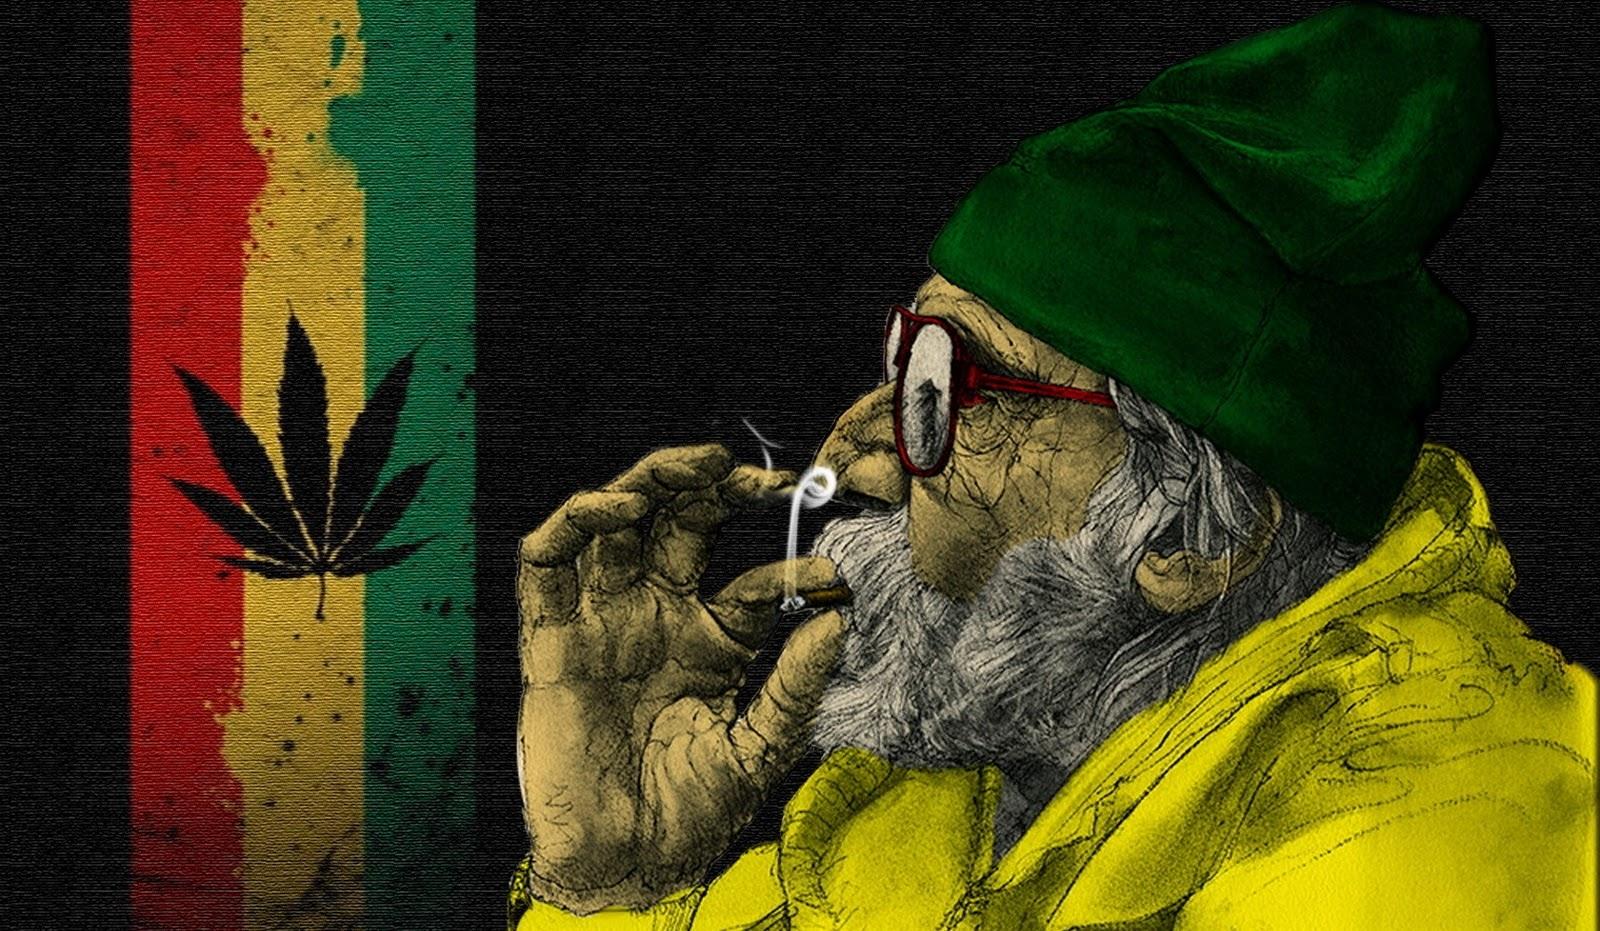 http://1.bp.blogspot.com/-BmH6WzjoVAQ/Tw-b7svCHYI/AAAAAAAAAyo/__WDHrOhq98/s1600/Funny_wallpapers_The_Old_Man_and_marijuana_025841_.jpg